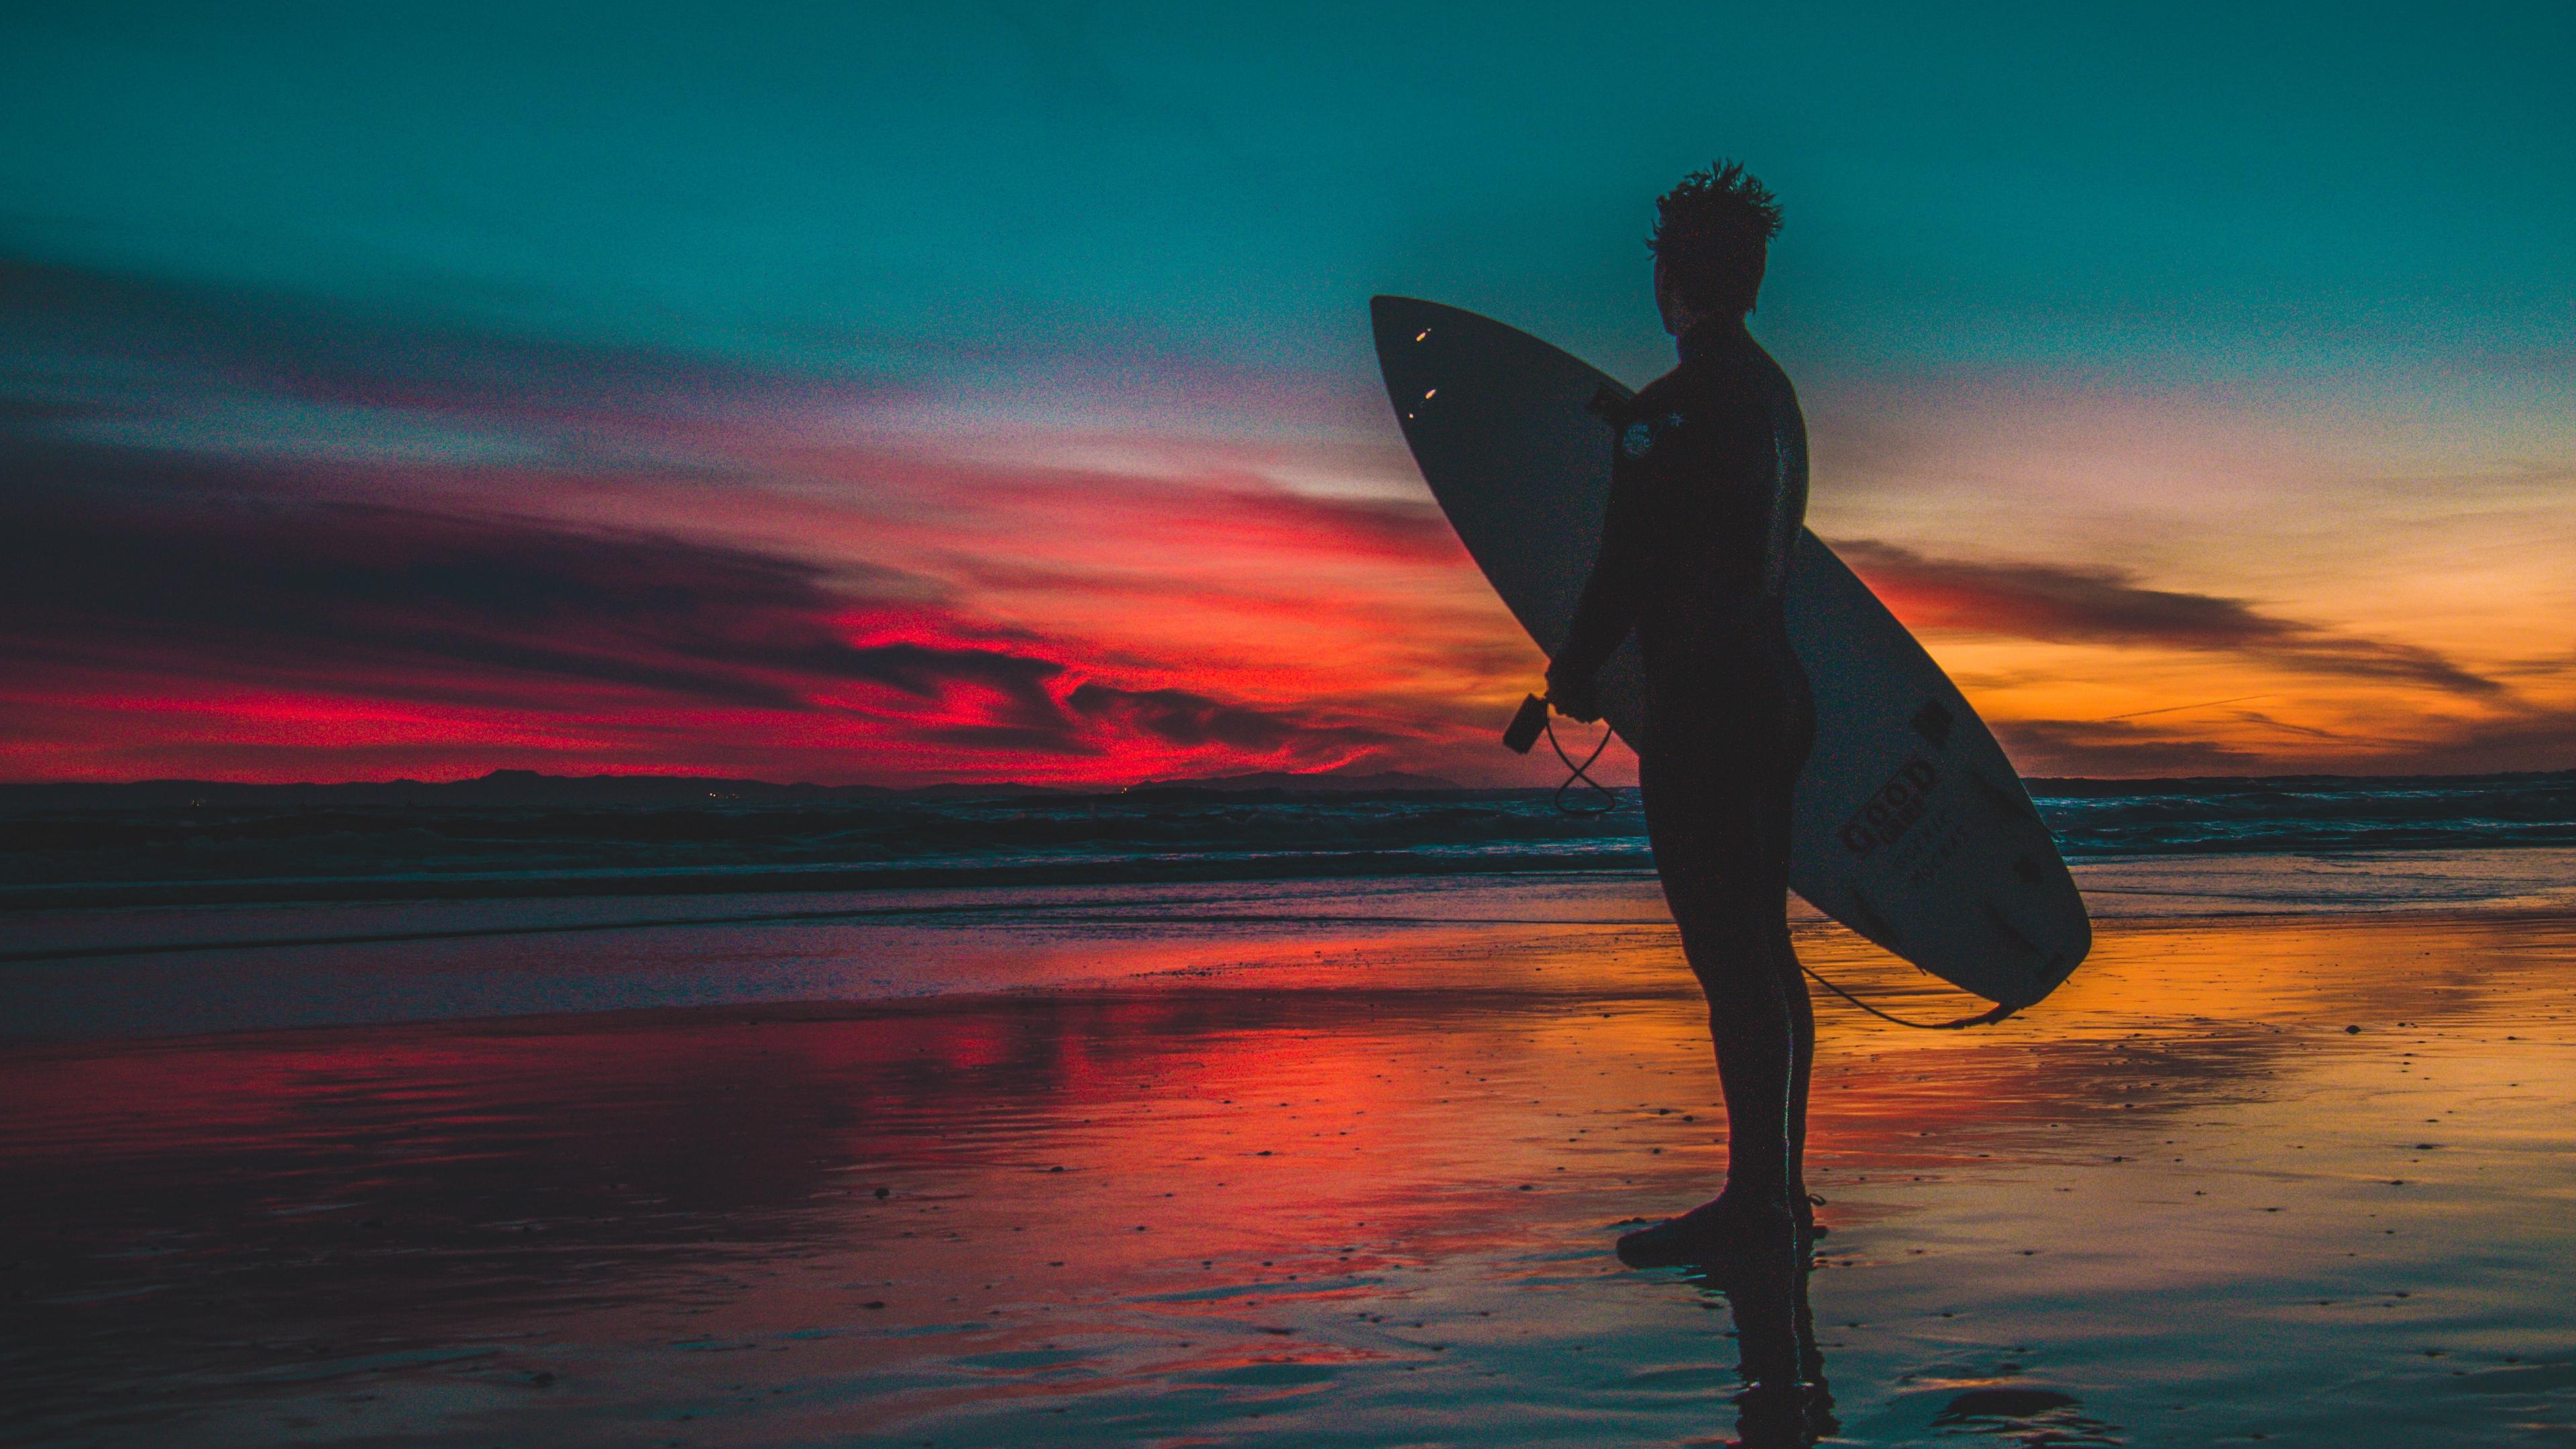 surfer surfing shore sunset twilight 4k 1540063431 - surfer, surfing, shore, sunset, twilight 4k - Surfing, Surfer, Shore